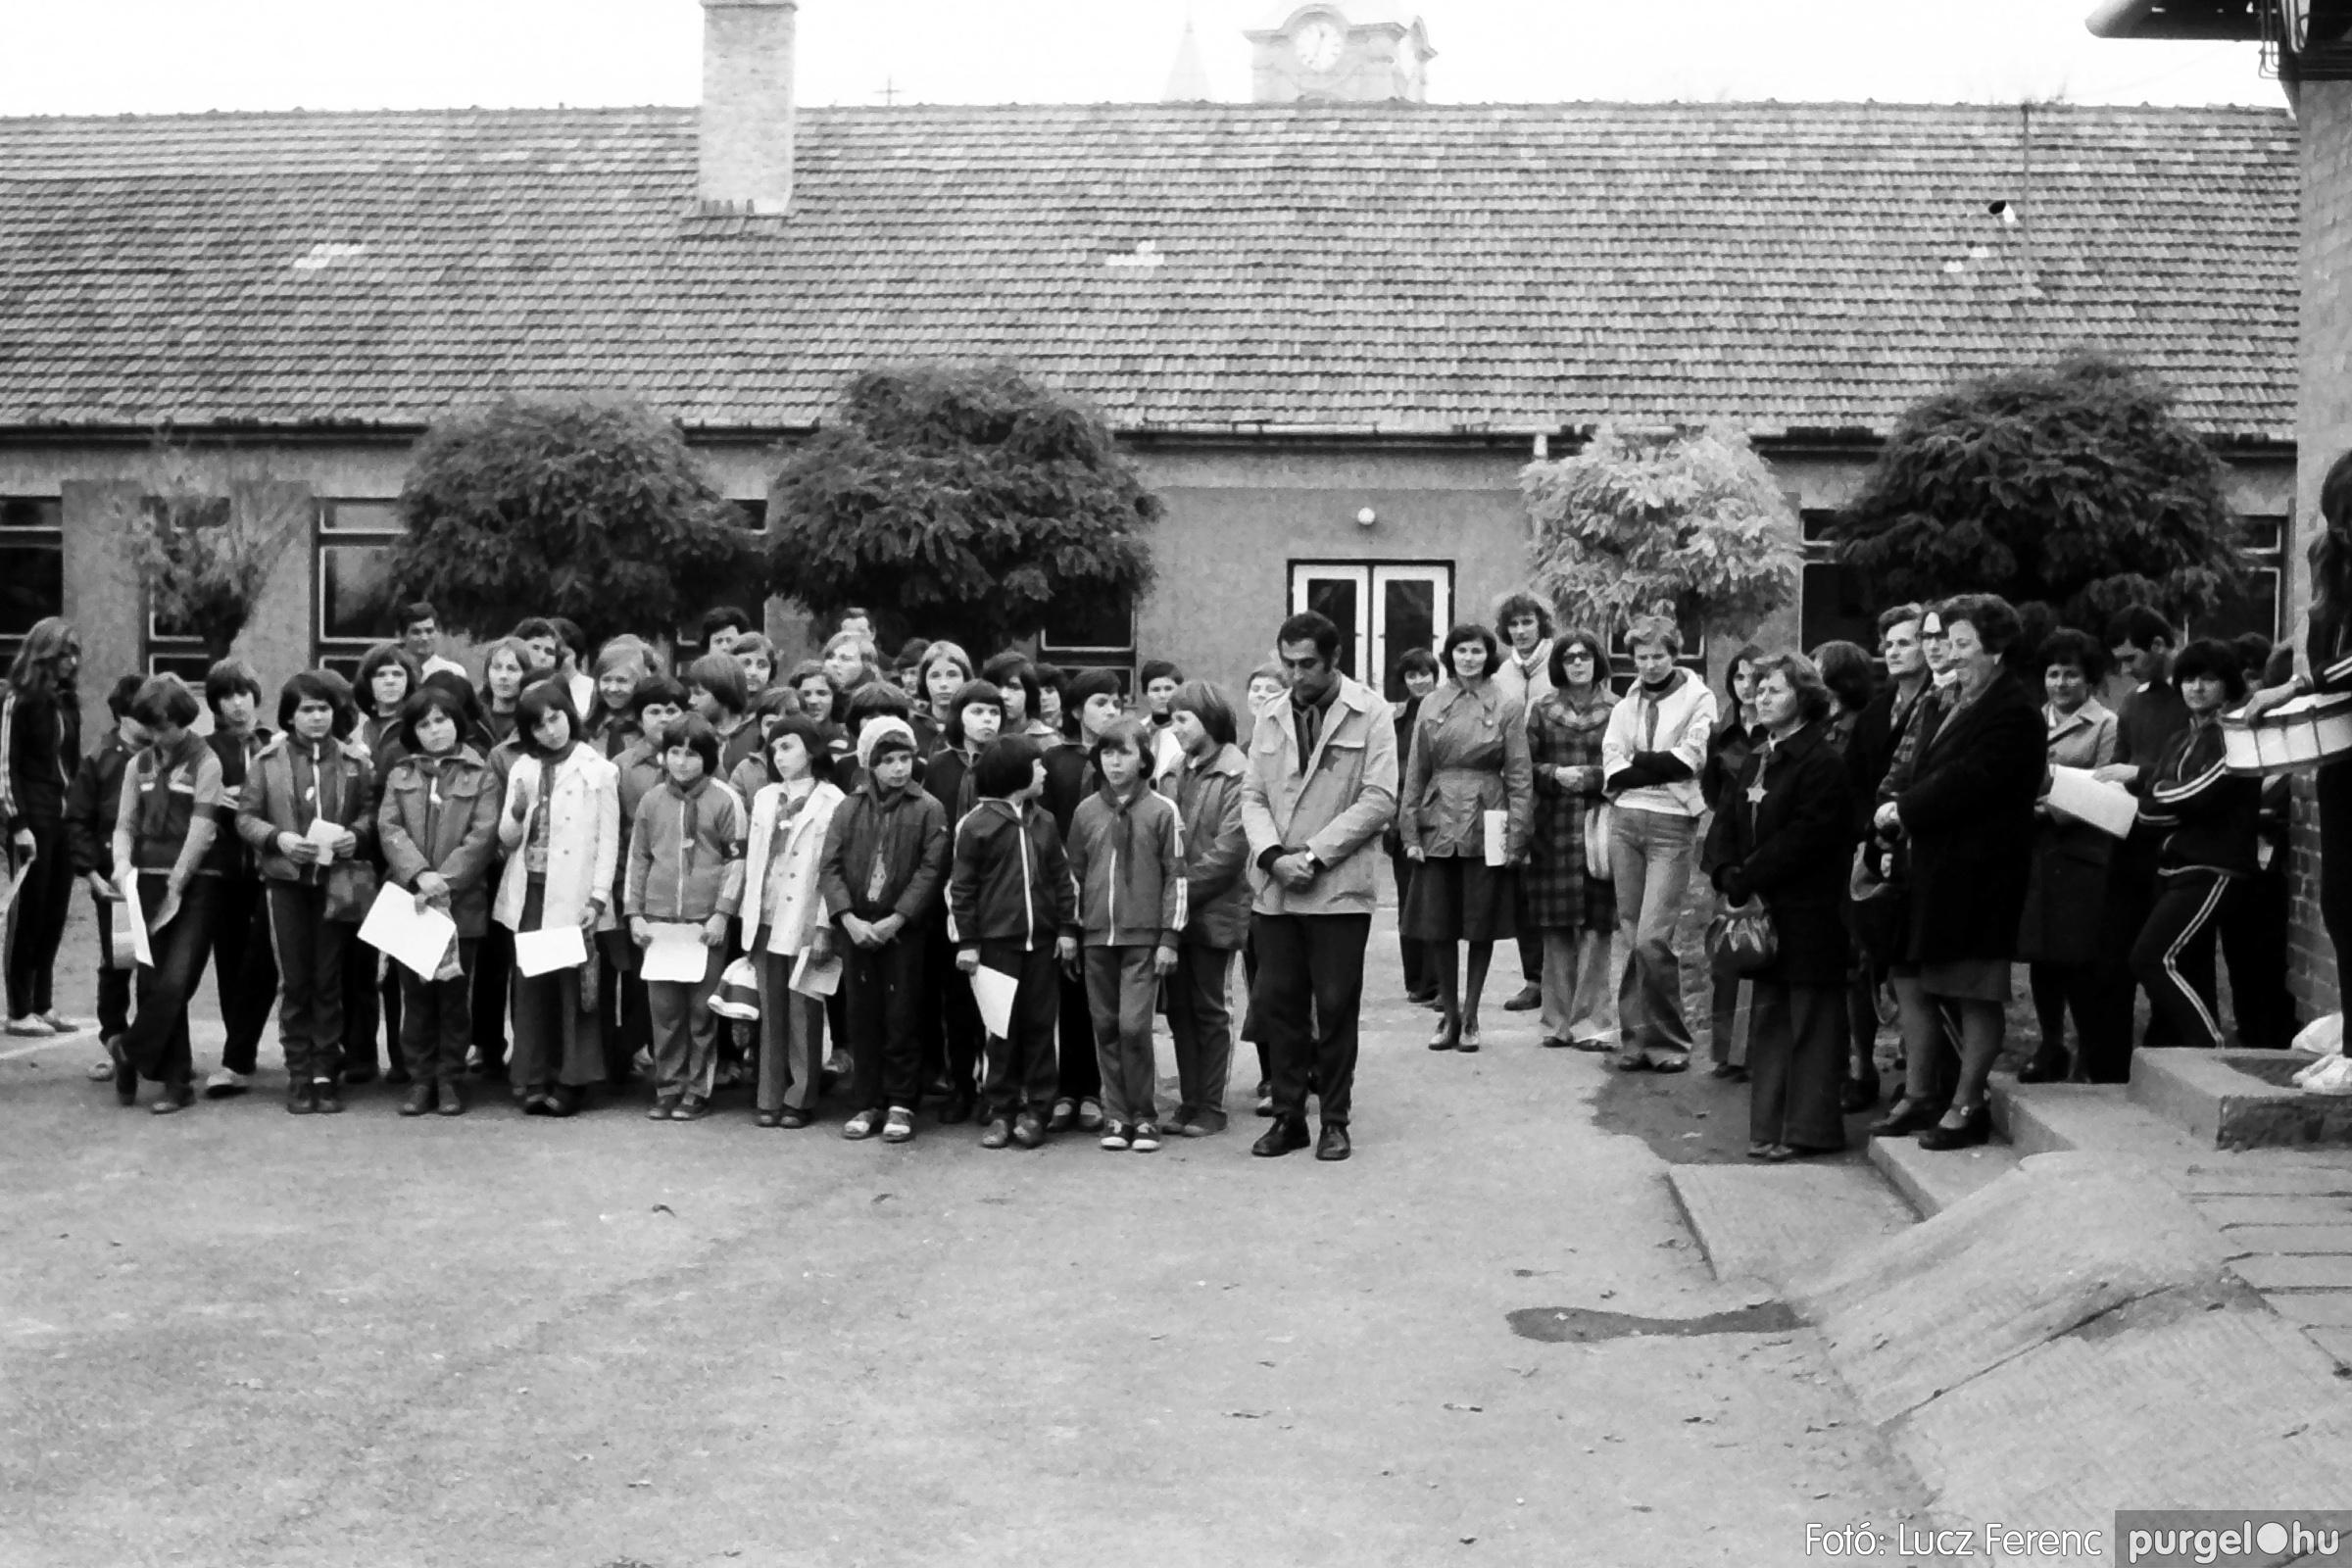 092. 1977. Úttörő rendezvény a Központi Általános Iskolában 032. - Fotó: Lucz Ferenc.jpg